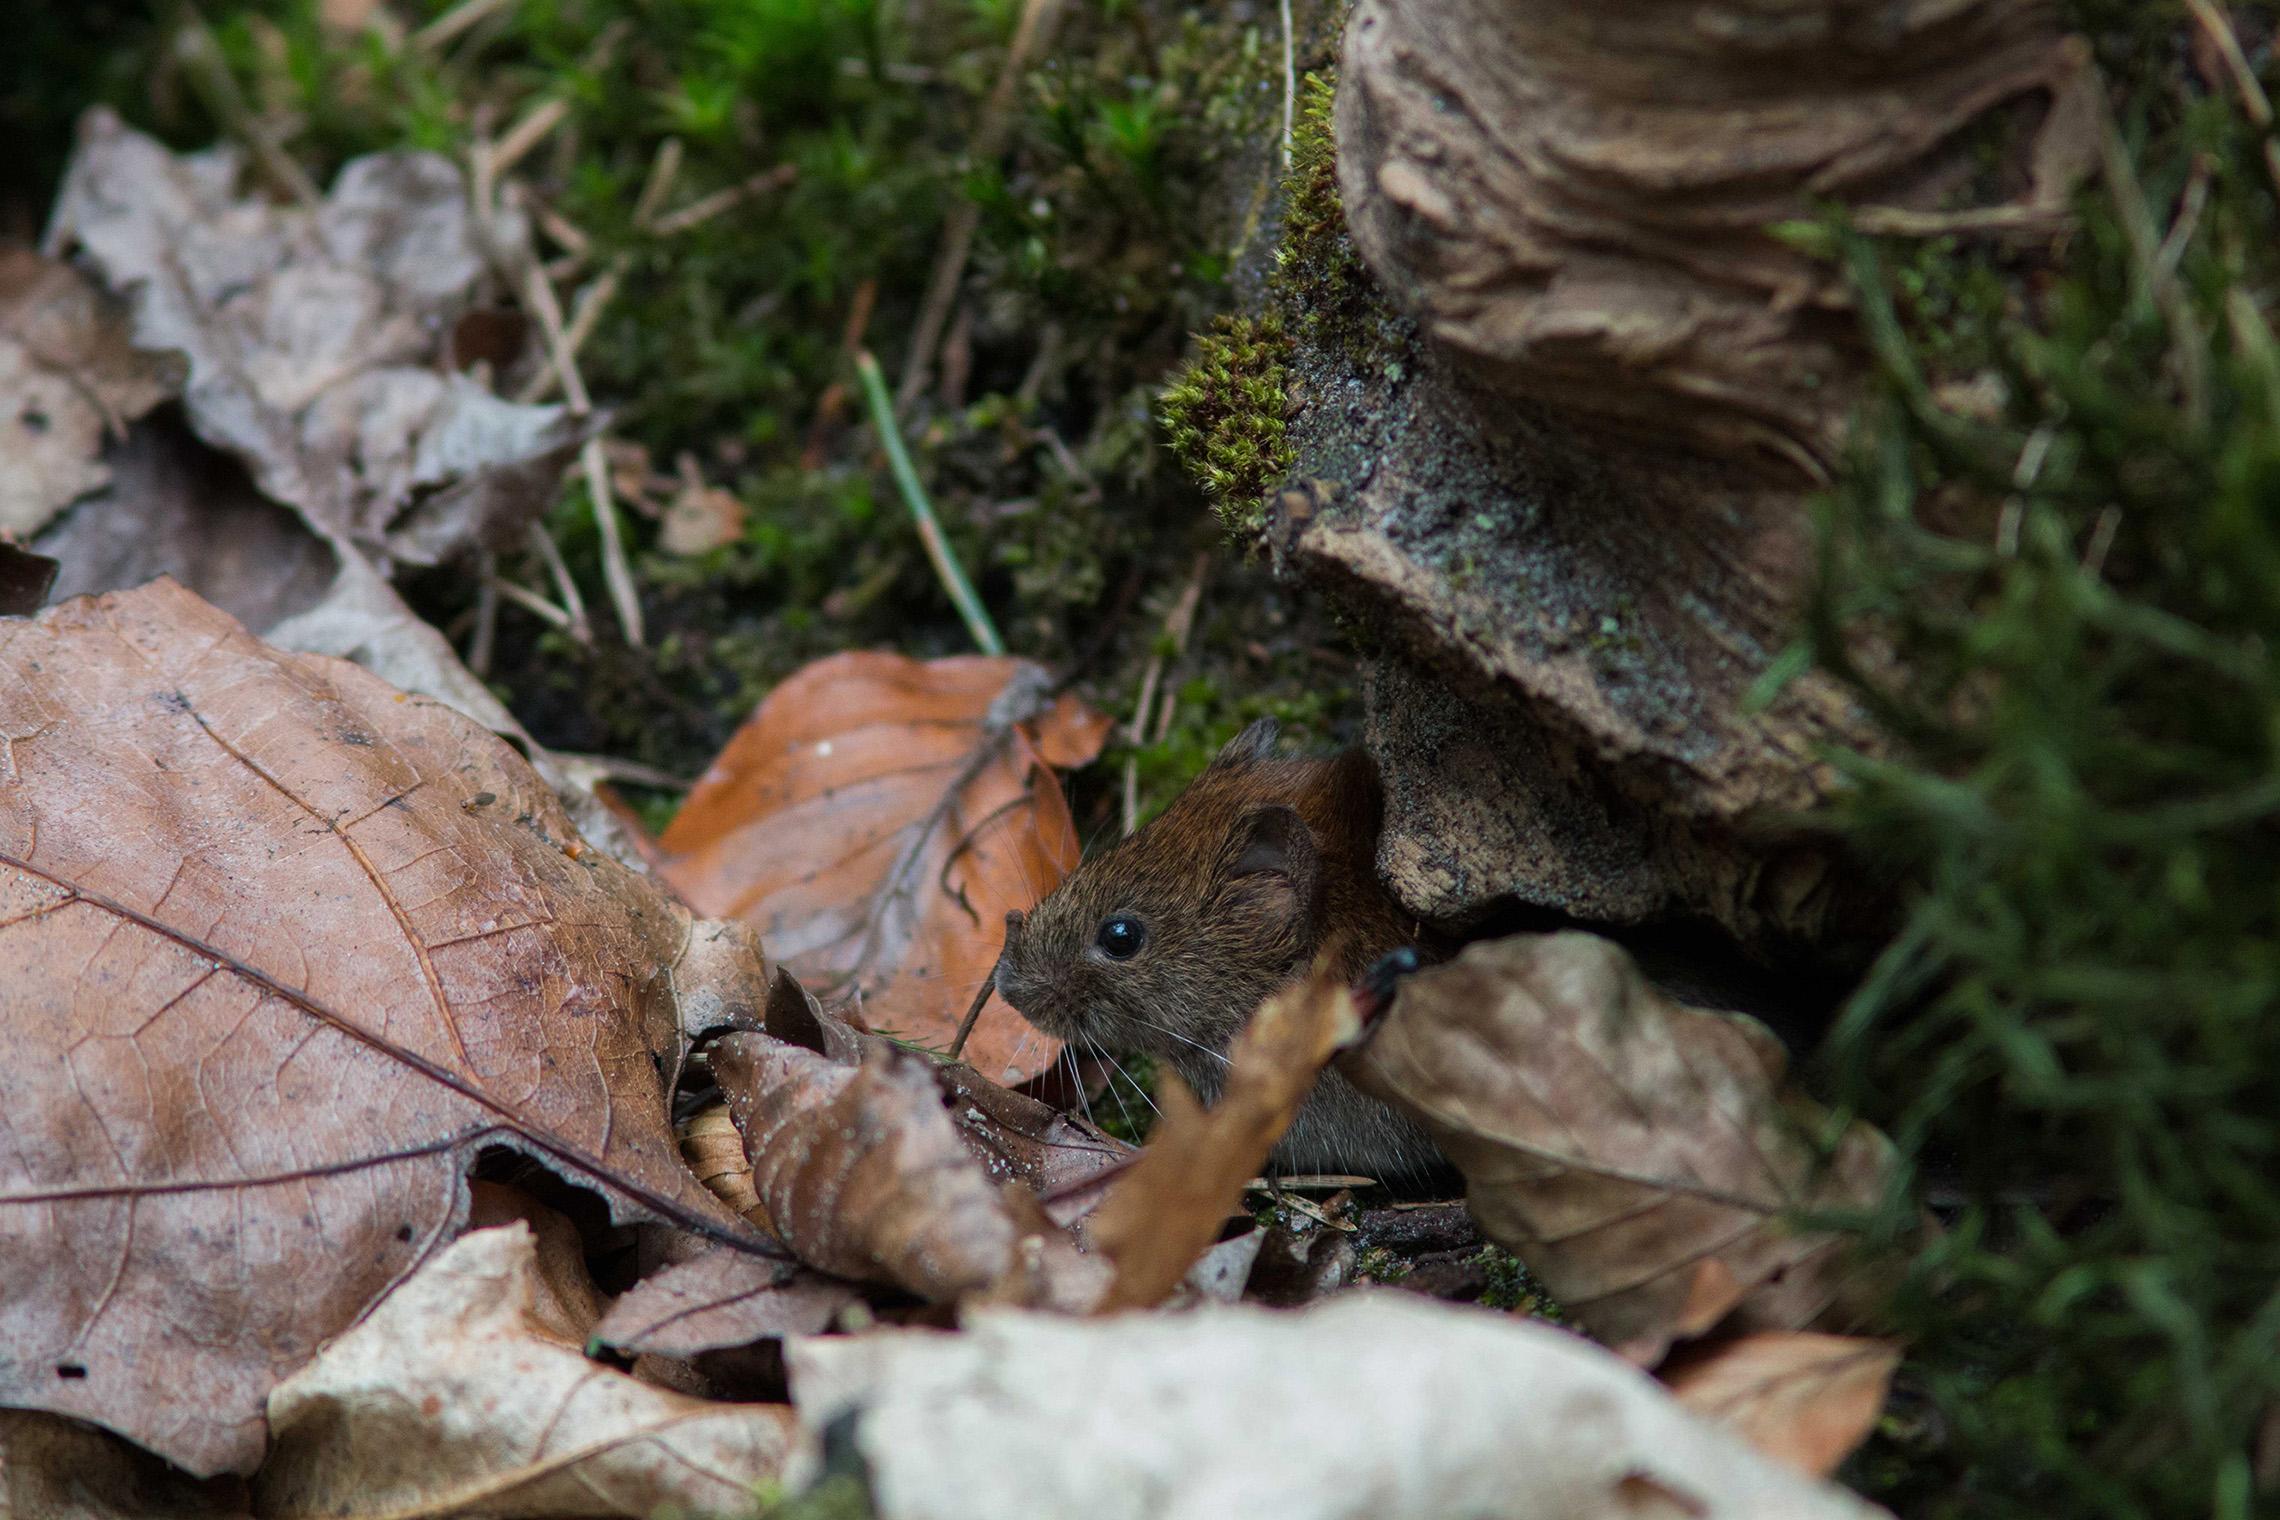 Bosmuizen verslinden zaden in grote aantallen en ze verstoppen er ook nogal wat van in een hele reeks 'voorraadkasten' - Foto: ©Yvonne Arentzen